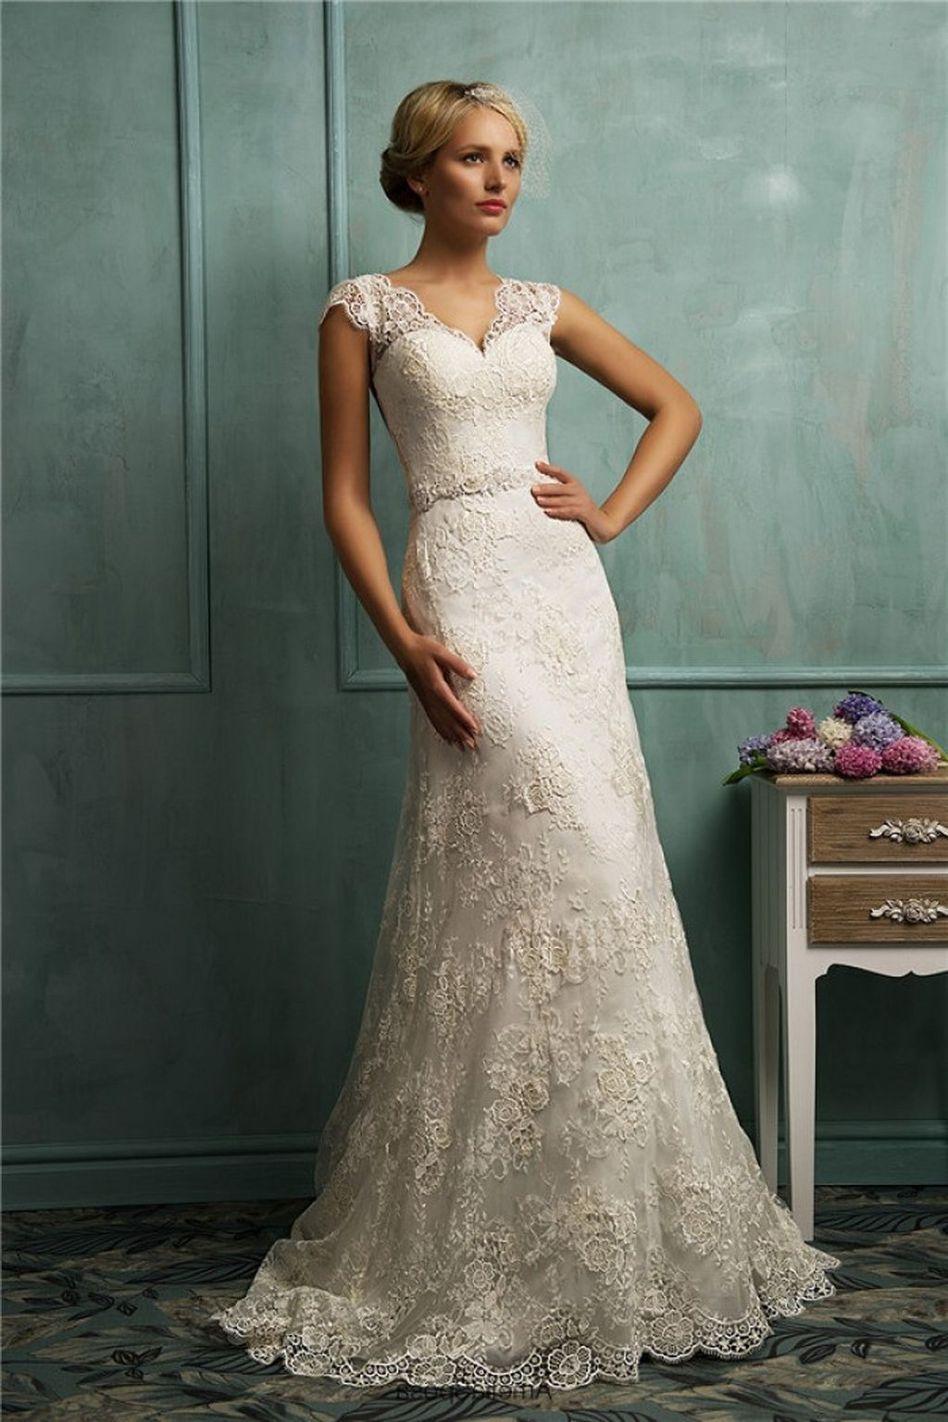 Vintageweddingdressideas wedding dresses pinterest